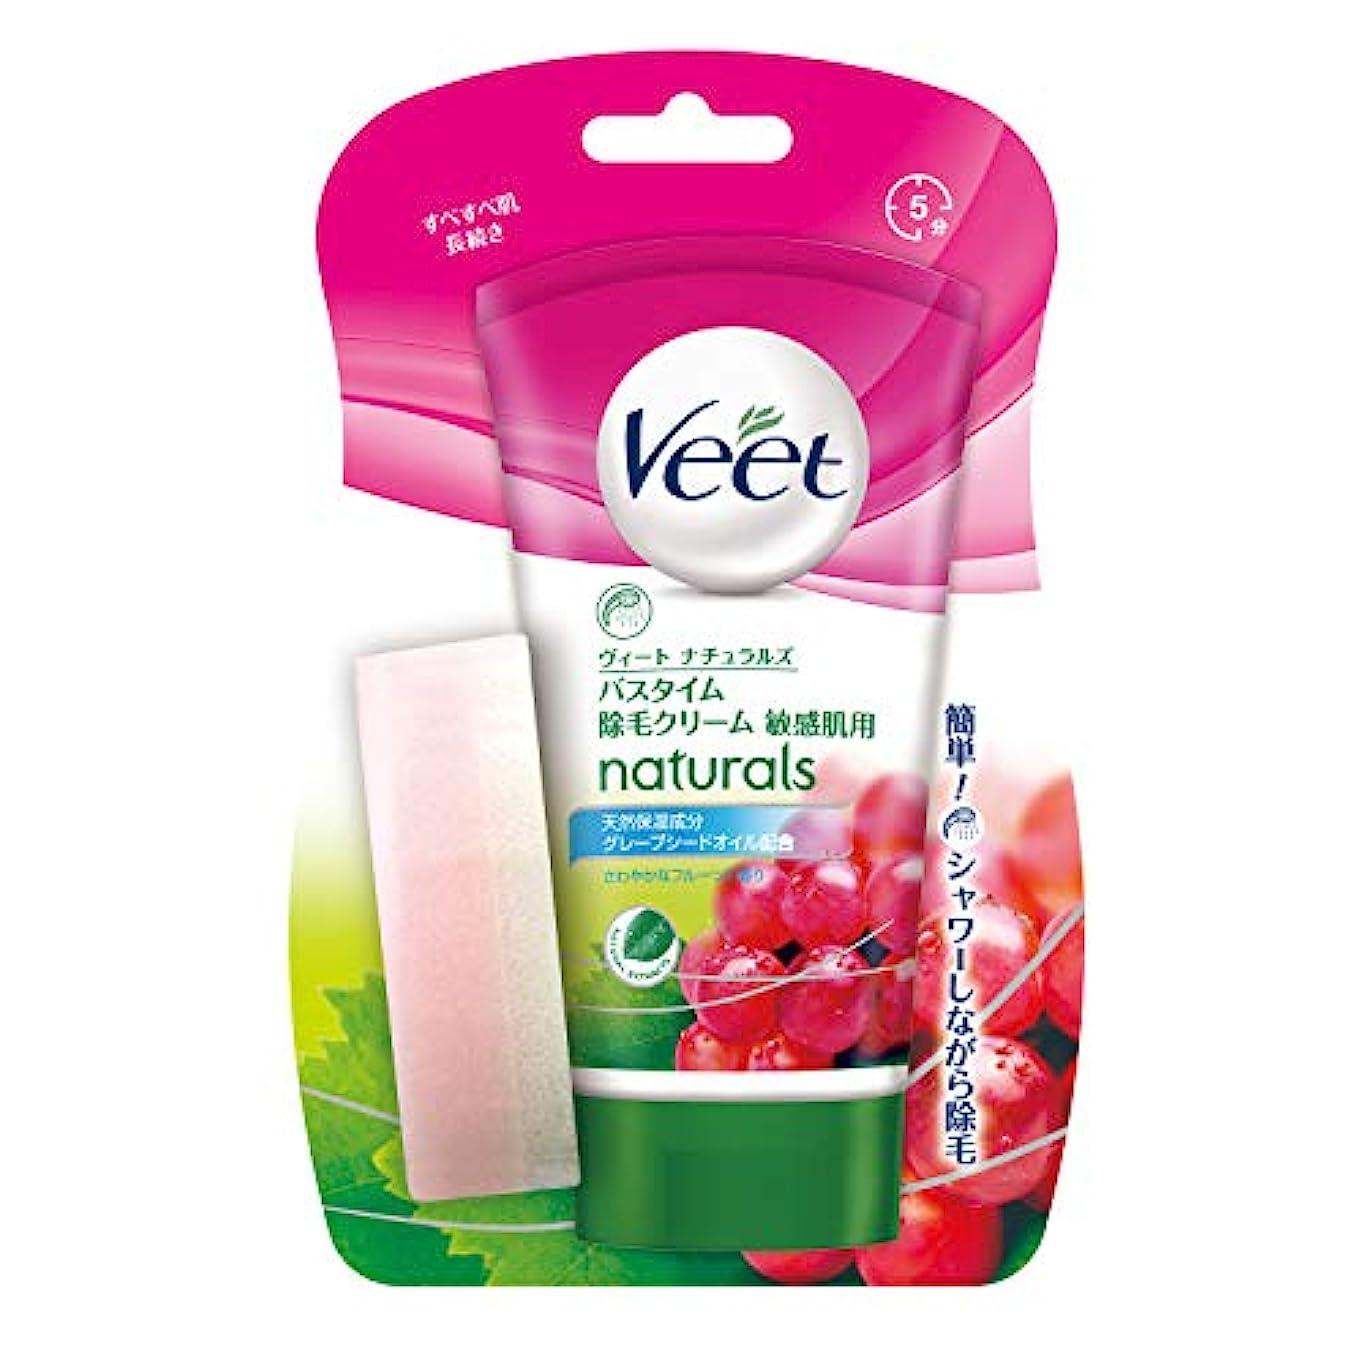 フットボール積極的にフィルタヴィート バスタイムセン用 除毛クリーム 敏感肌用 150g (Veet Naturals In Shower Hair Removal Cream  Sensitive 150g)